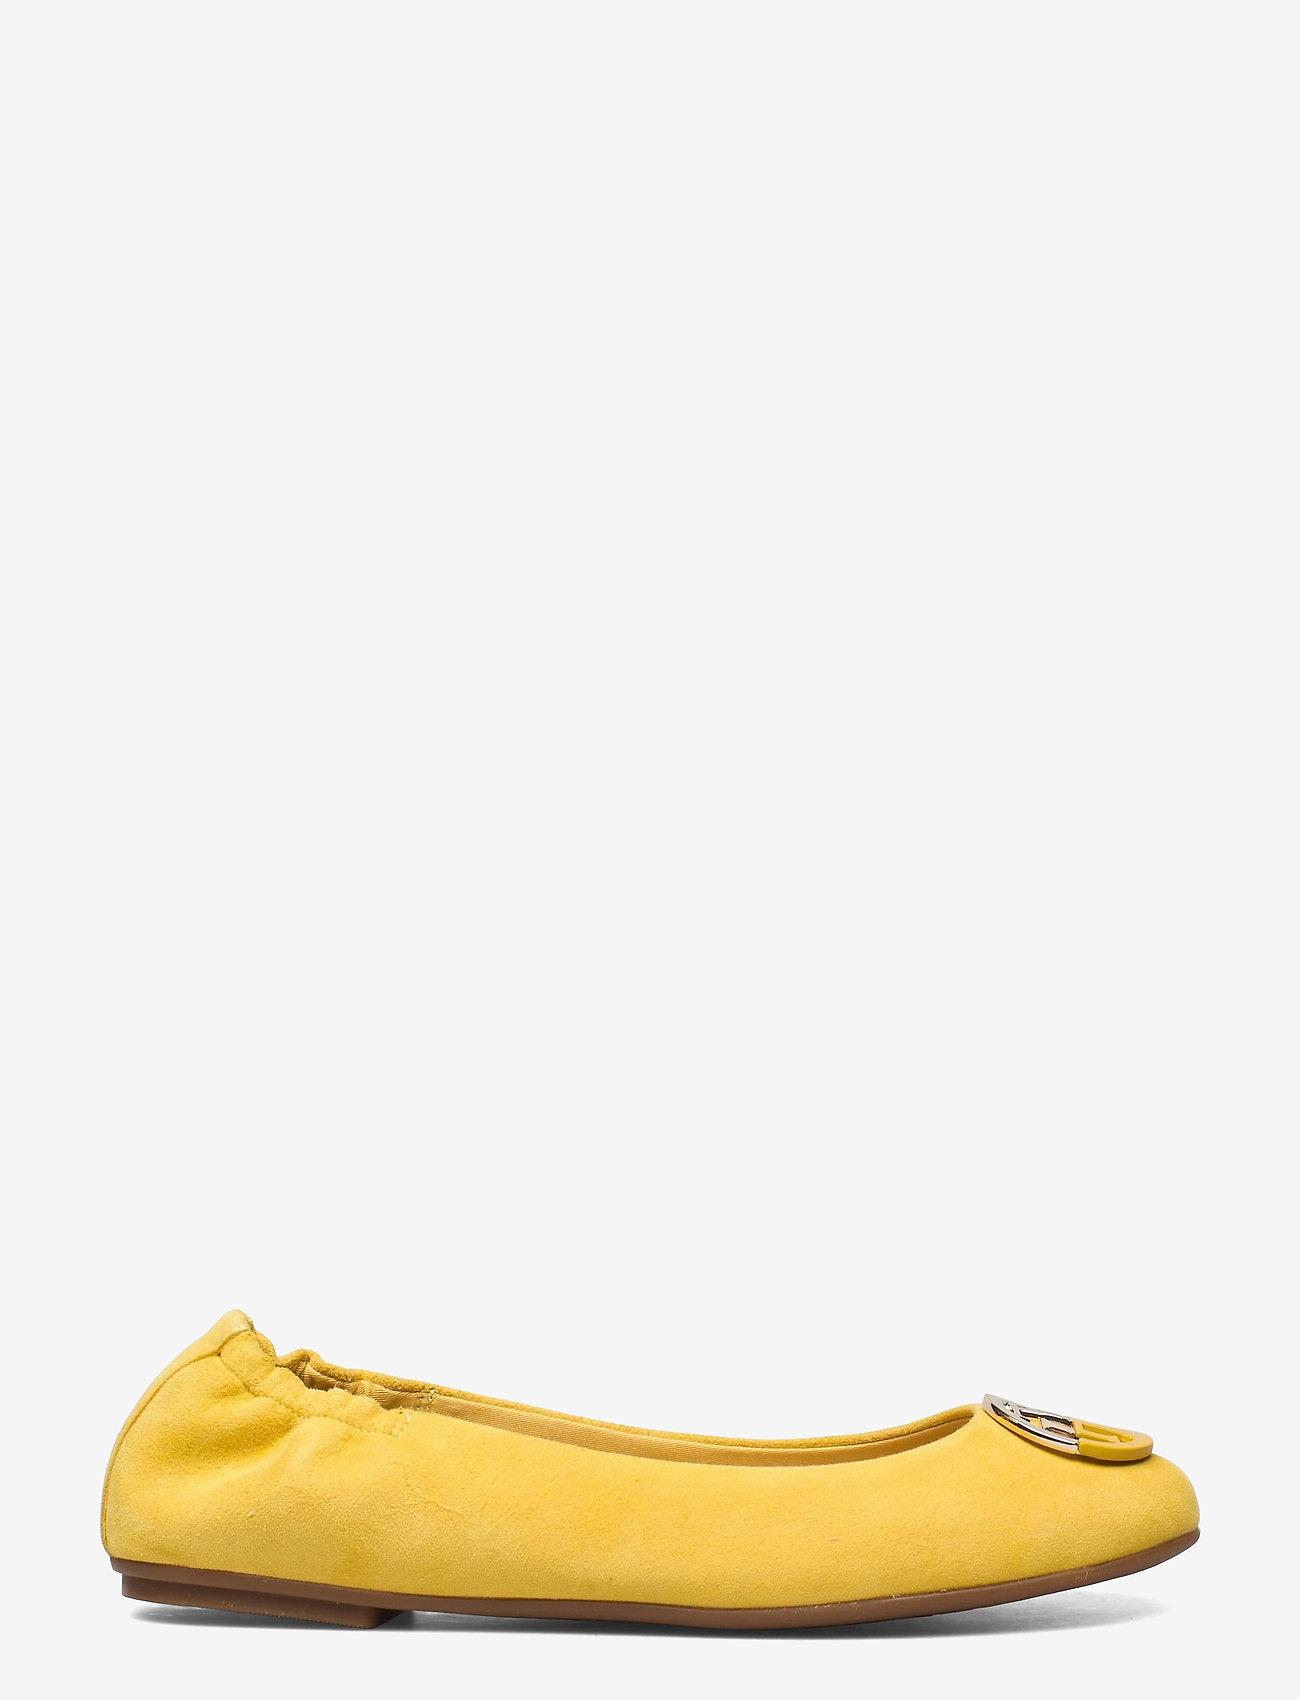 Tommy Hilfiger - ESSENTIAL HARDWARE BALLERINA - ballerinas - tuscan yellow - 1